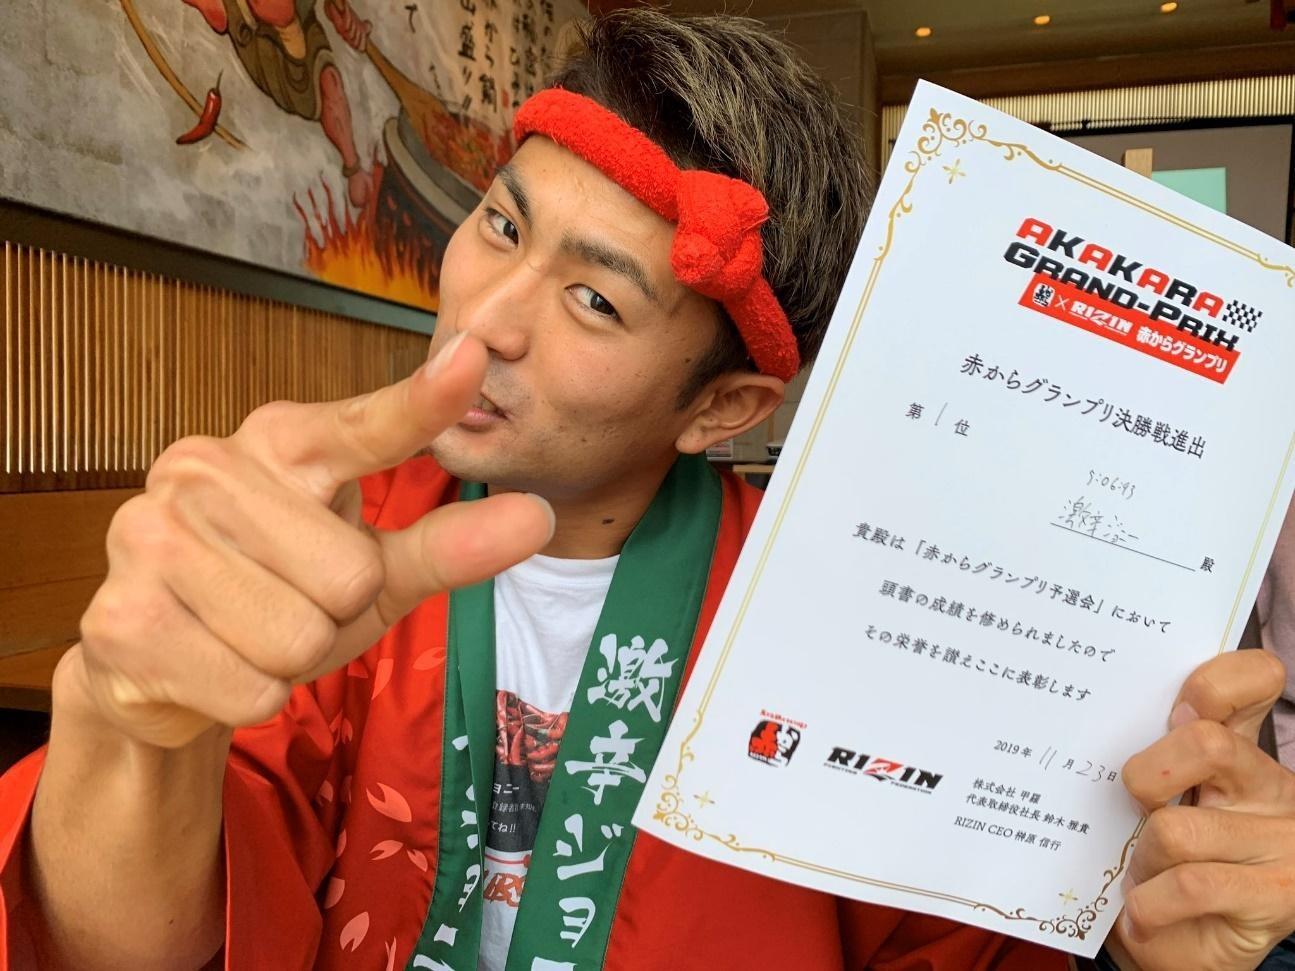 赤からグランプリで優勝した激辛ジョニーさん